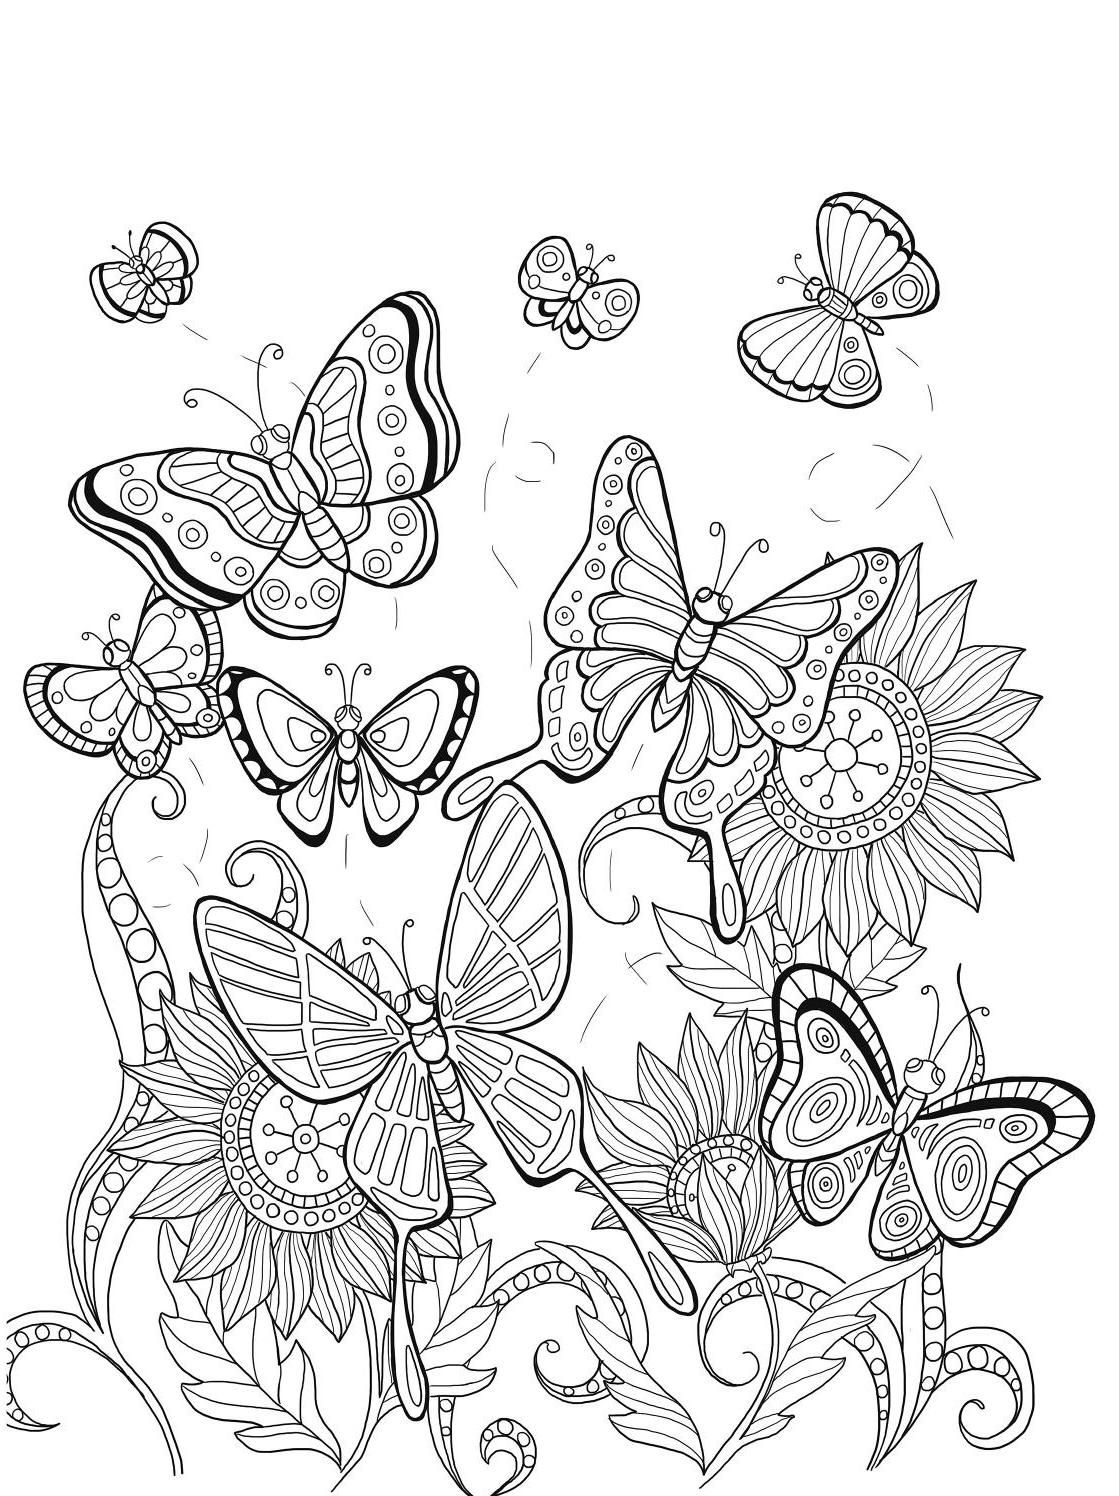 Mano Spalvinimo Ir Uzrasų Knygelė Isskleisk Savo Vidinius Sparnus Butterfly Coloring Page Mandala Coloring Pages Love Coloring Pages [ 1496 x 1119 Pixel ]